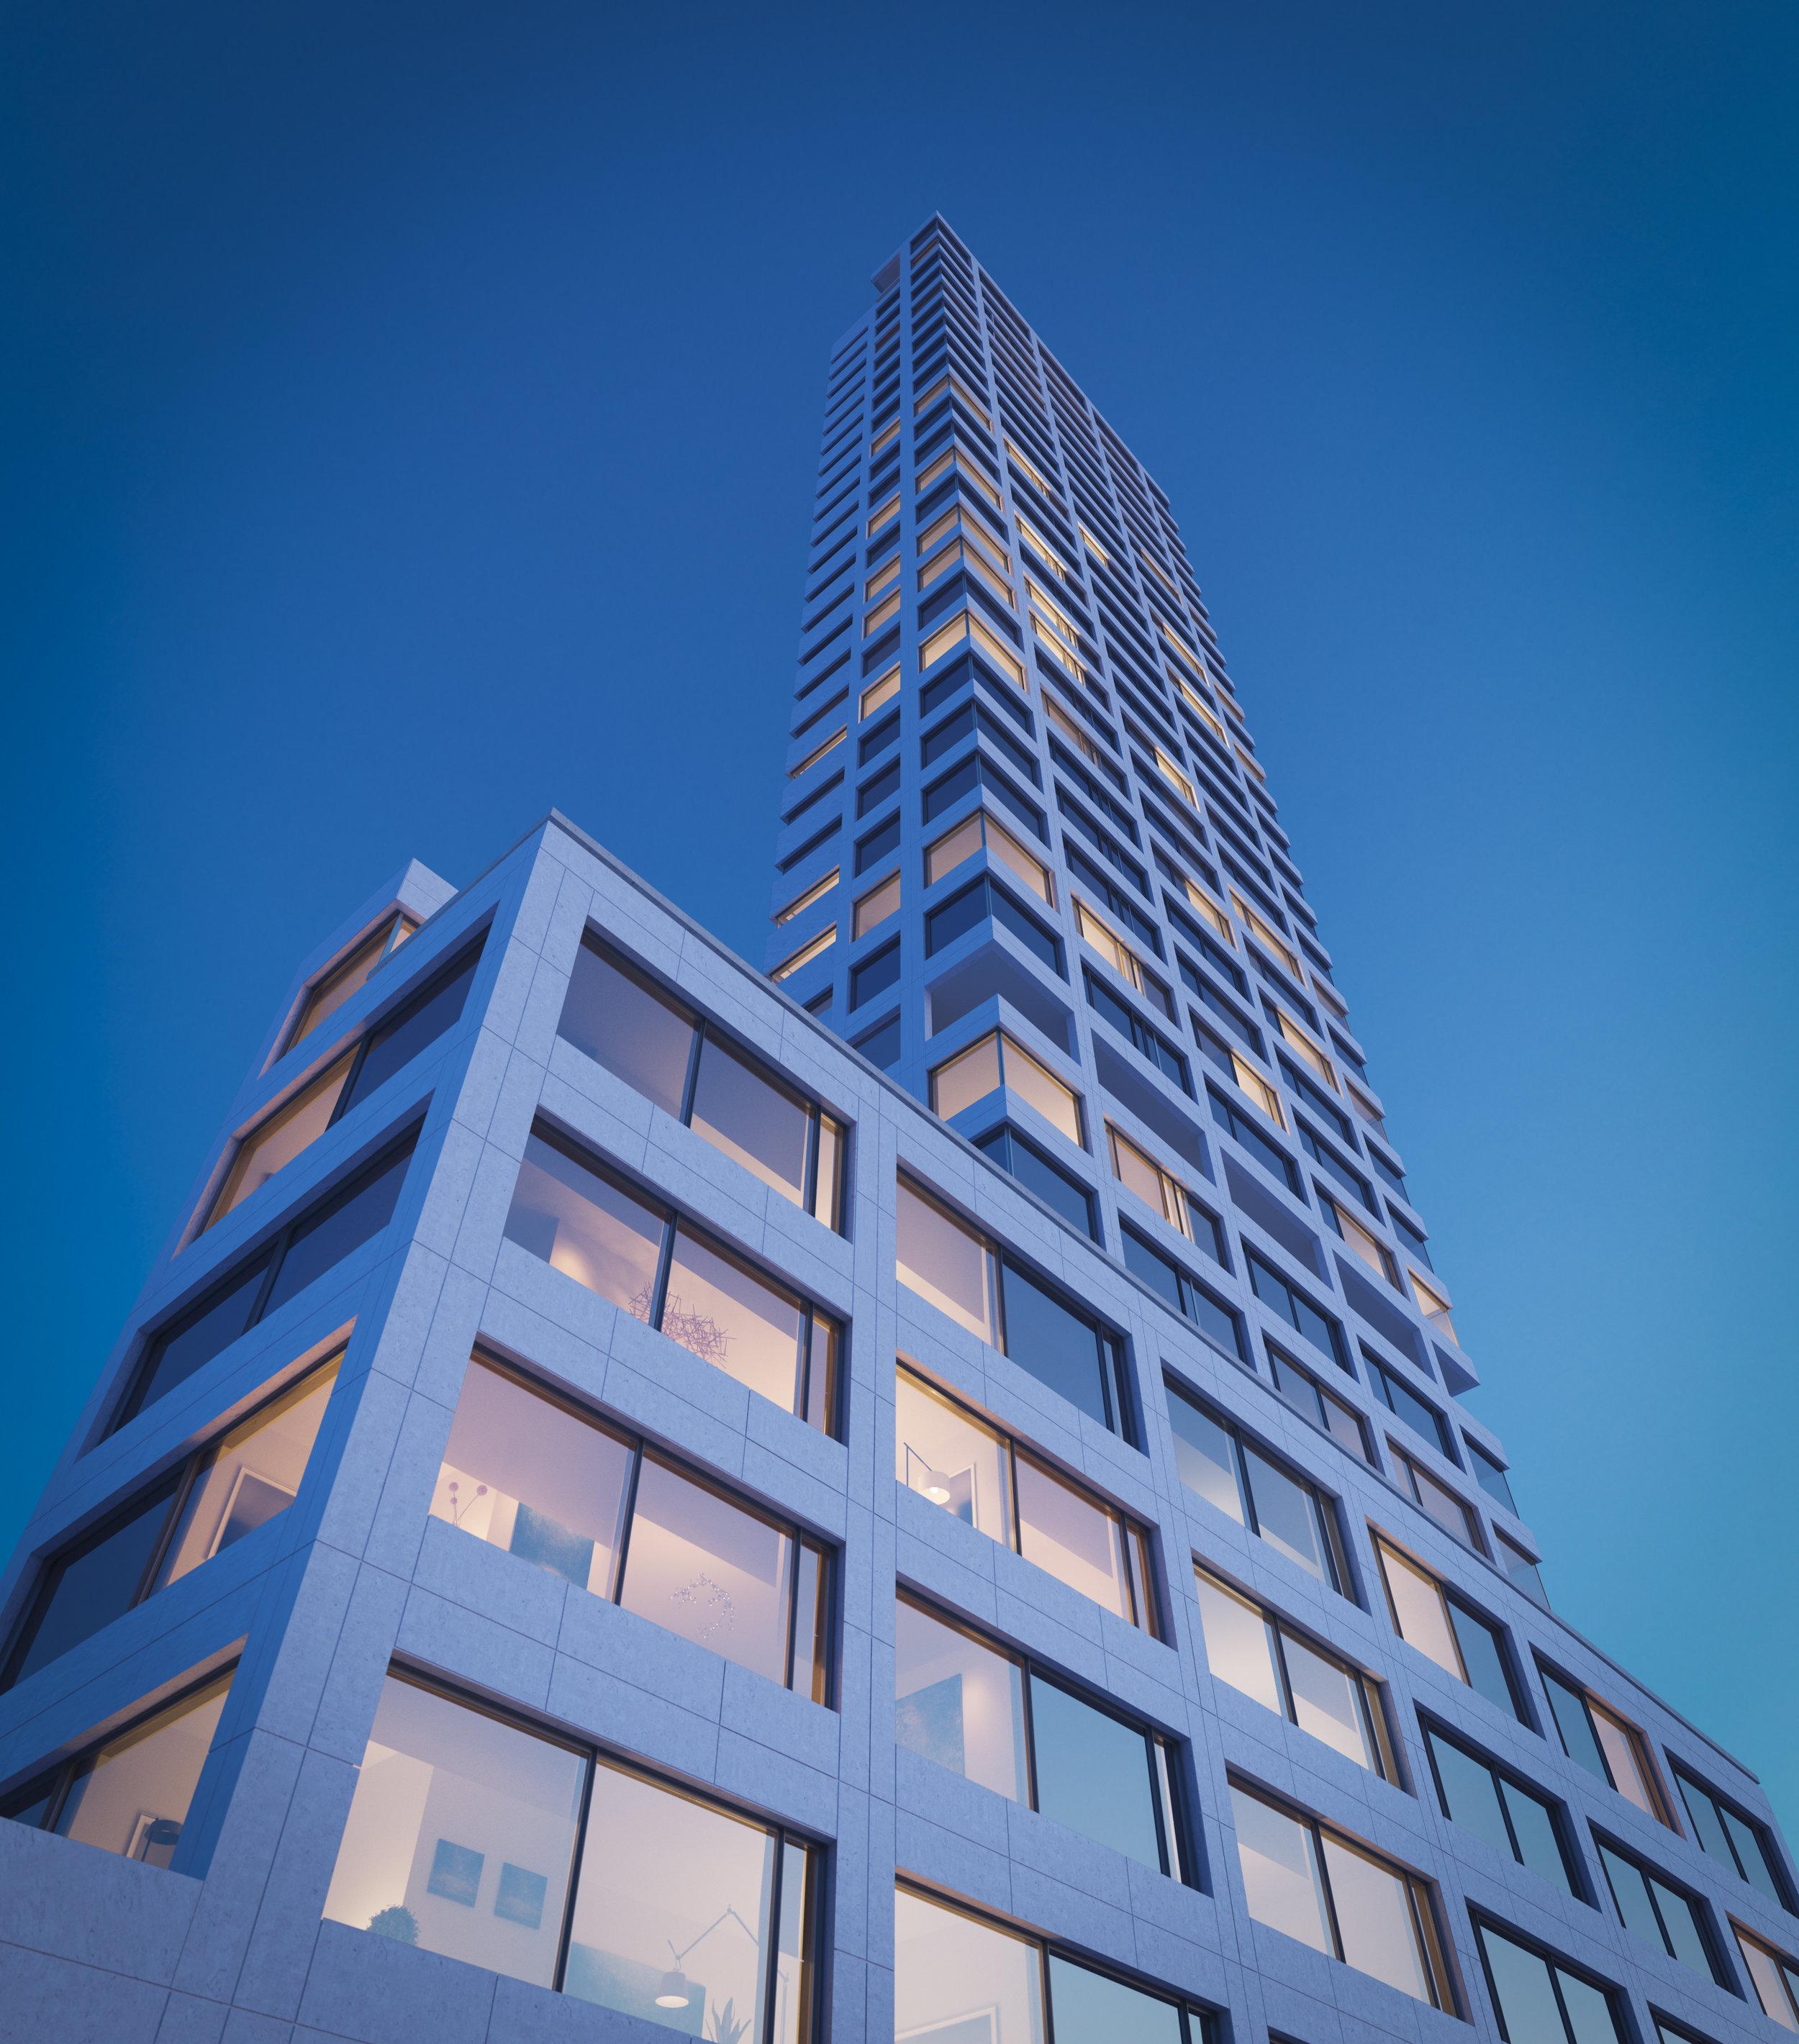 Sumaida + Khurana & LENY Close On $155 Million Construction Loan For Alvaro Siza's First U.S. Tower